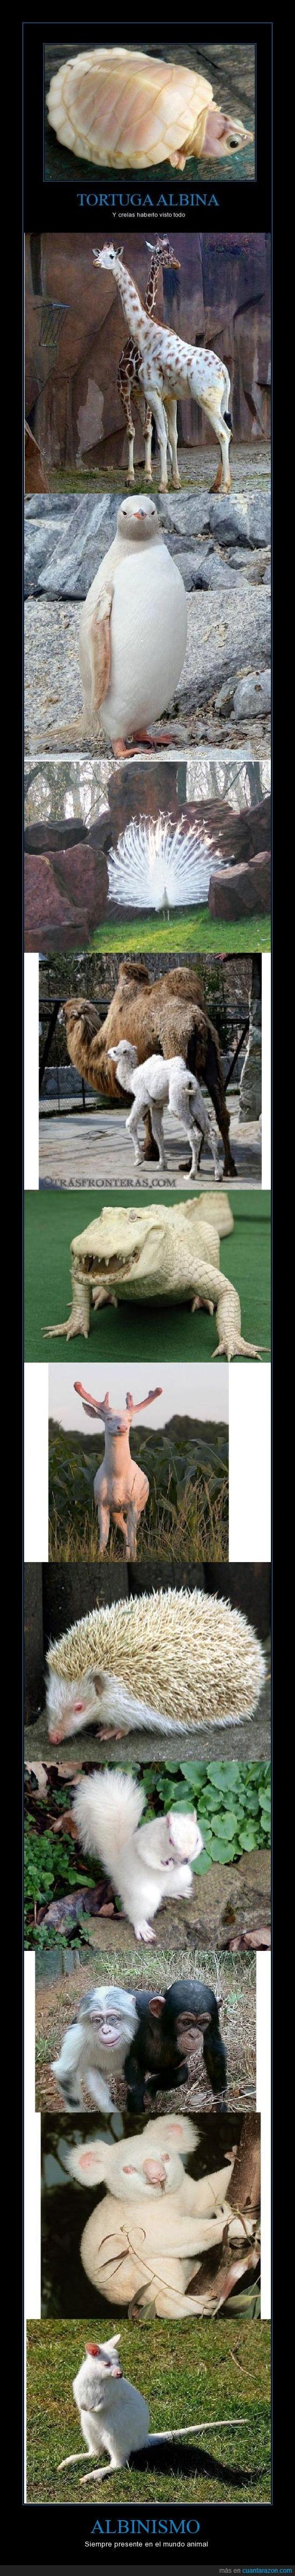 albinismo,albino,animales blancos,ardilla,canguro,cocodrilo,koala,mono,pavo real,pinguino